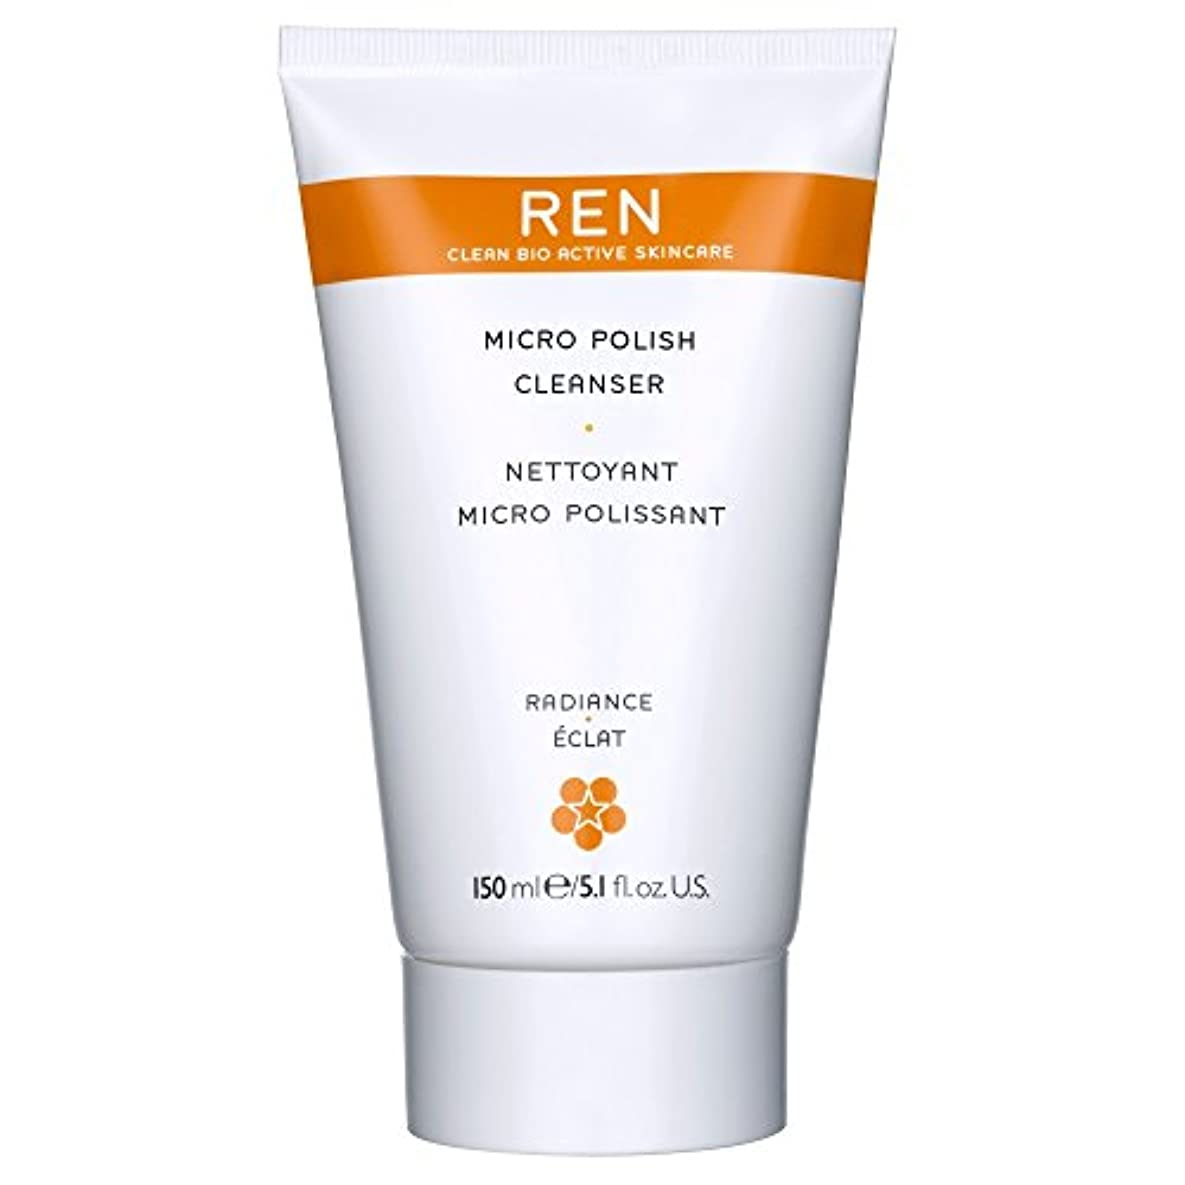 印象的復活させるスキニーRenミルコ磨きクレンザー、150ミリリットル (REN) (x2) - REN Mirco Polish Cleanser, 150ml (Pack of 2) [並行輸入品]